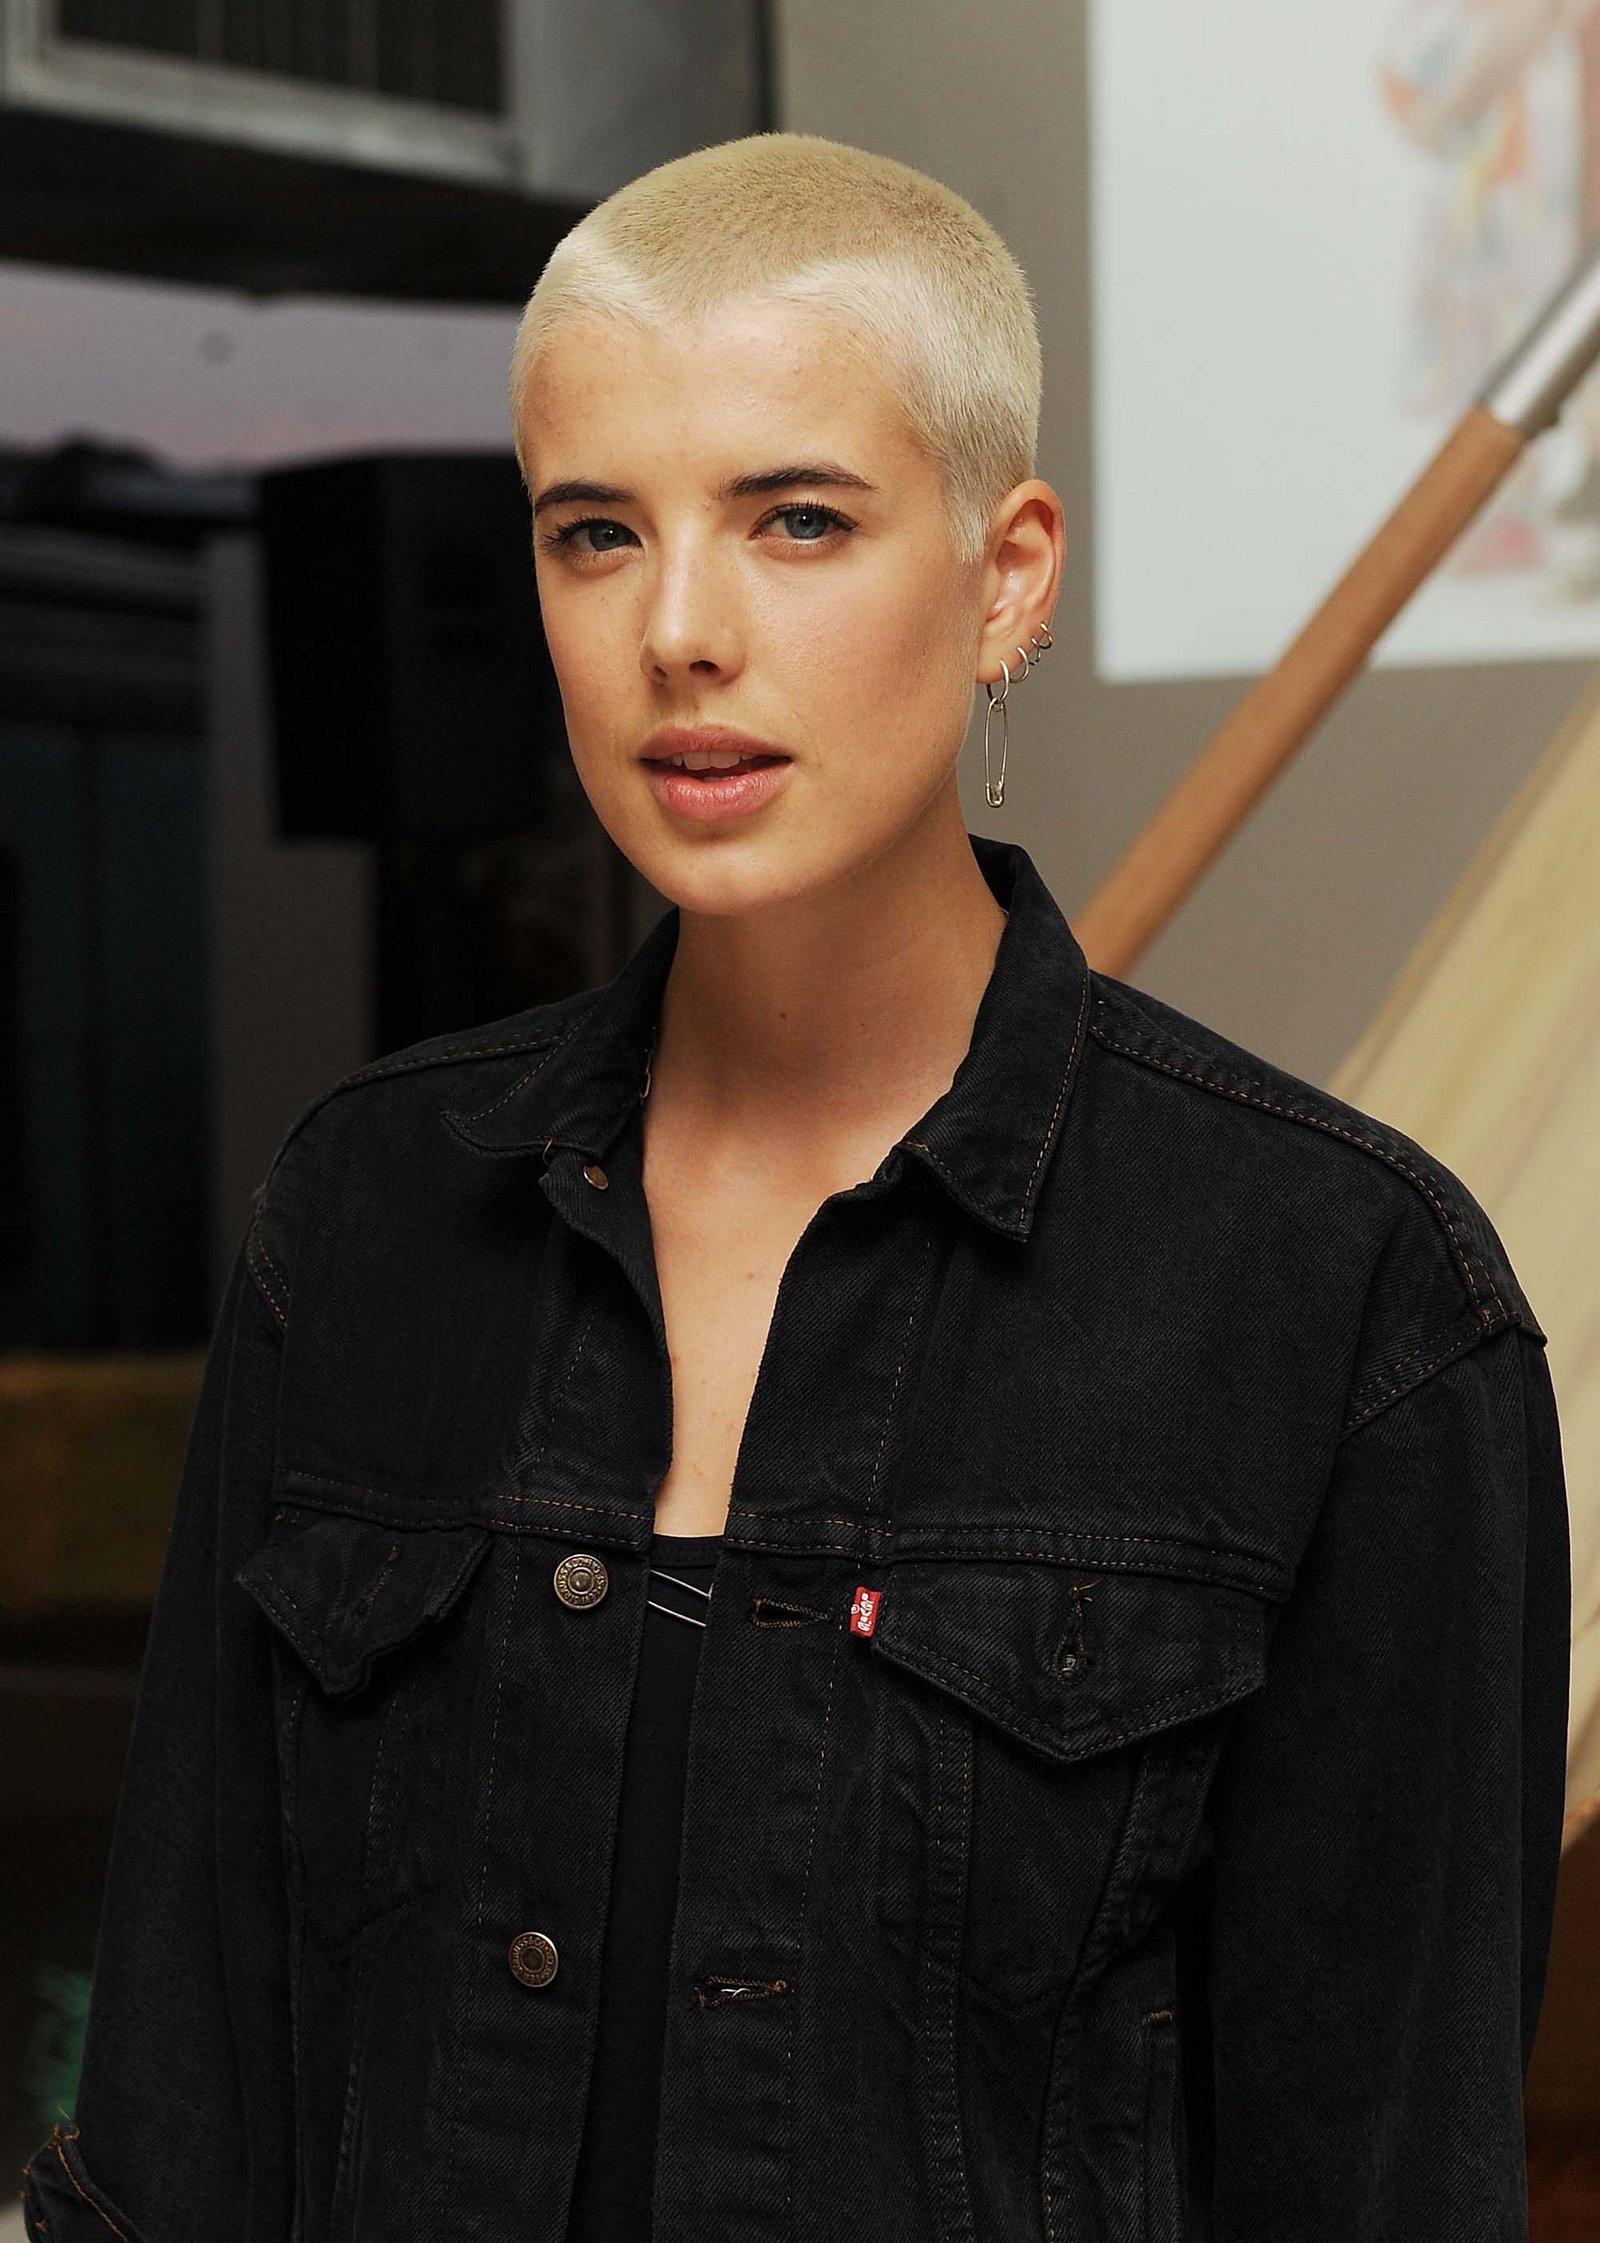 Agyness Deyn buzz cut hairstyles